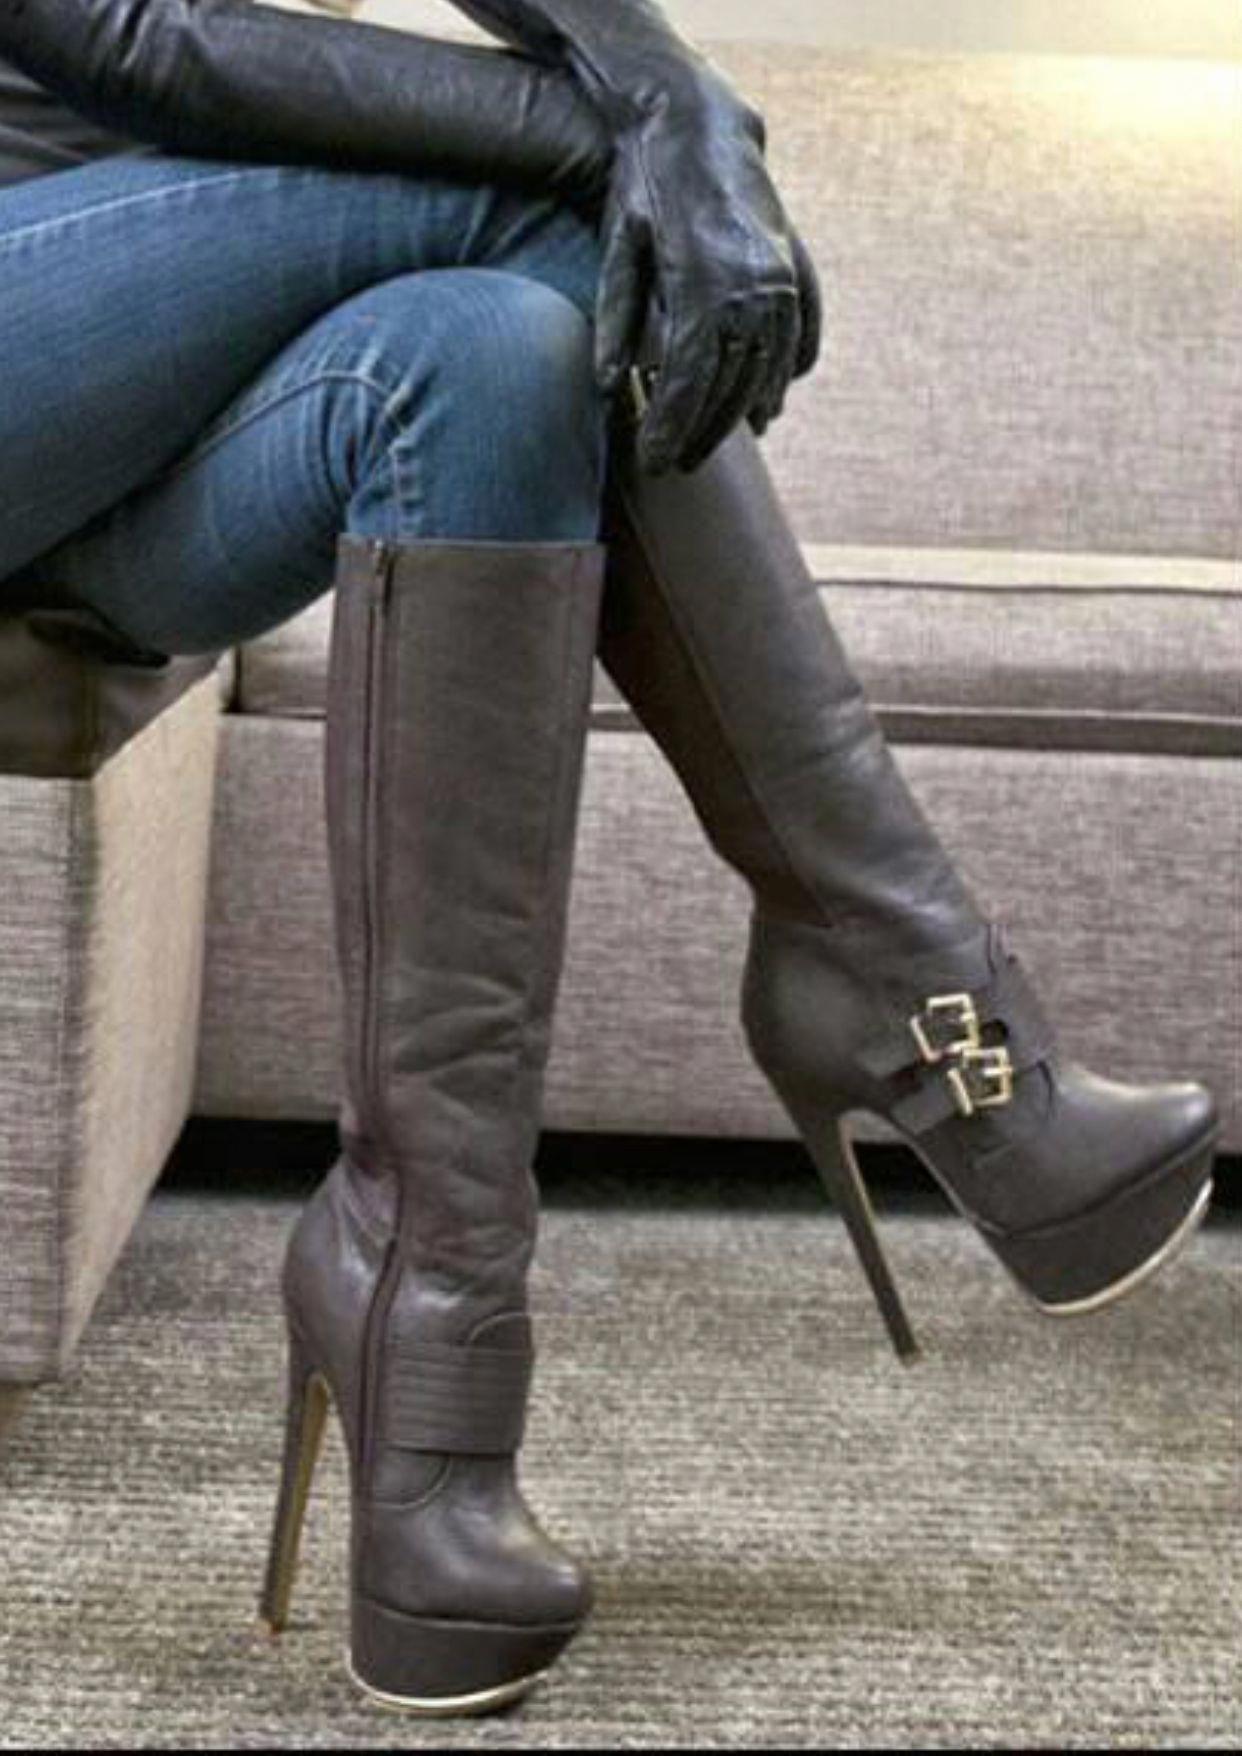 b3007822d509b Hothighheels   Sexy girls   Pinterest   Chaussure, Bottes et ...